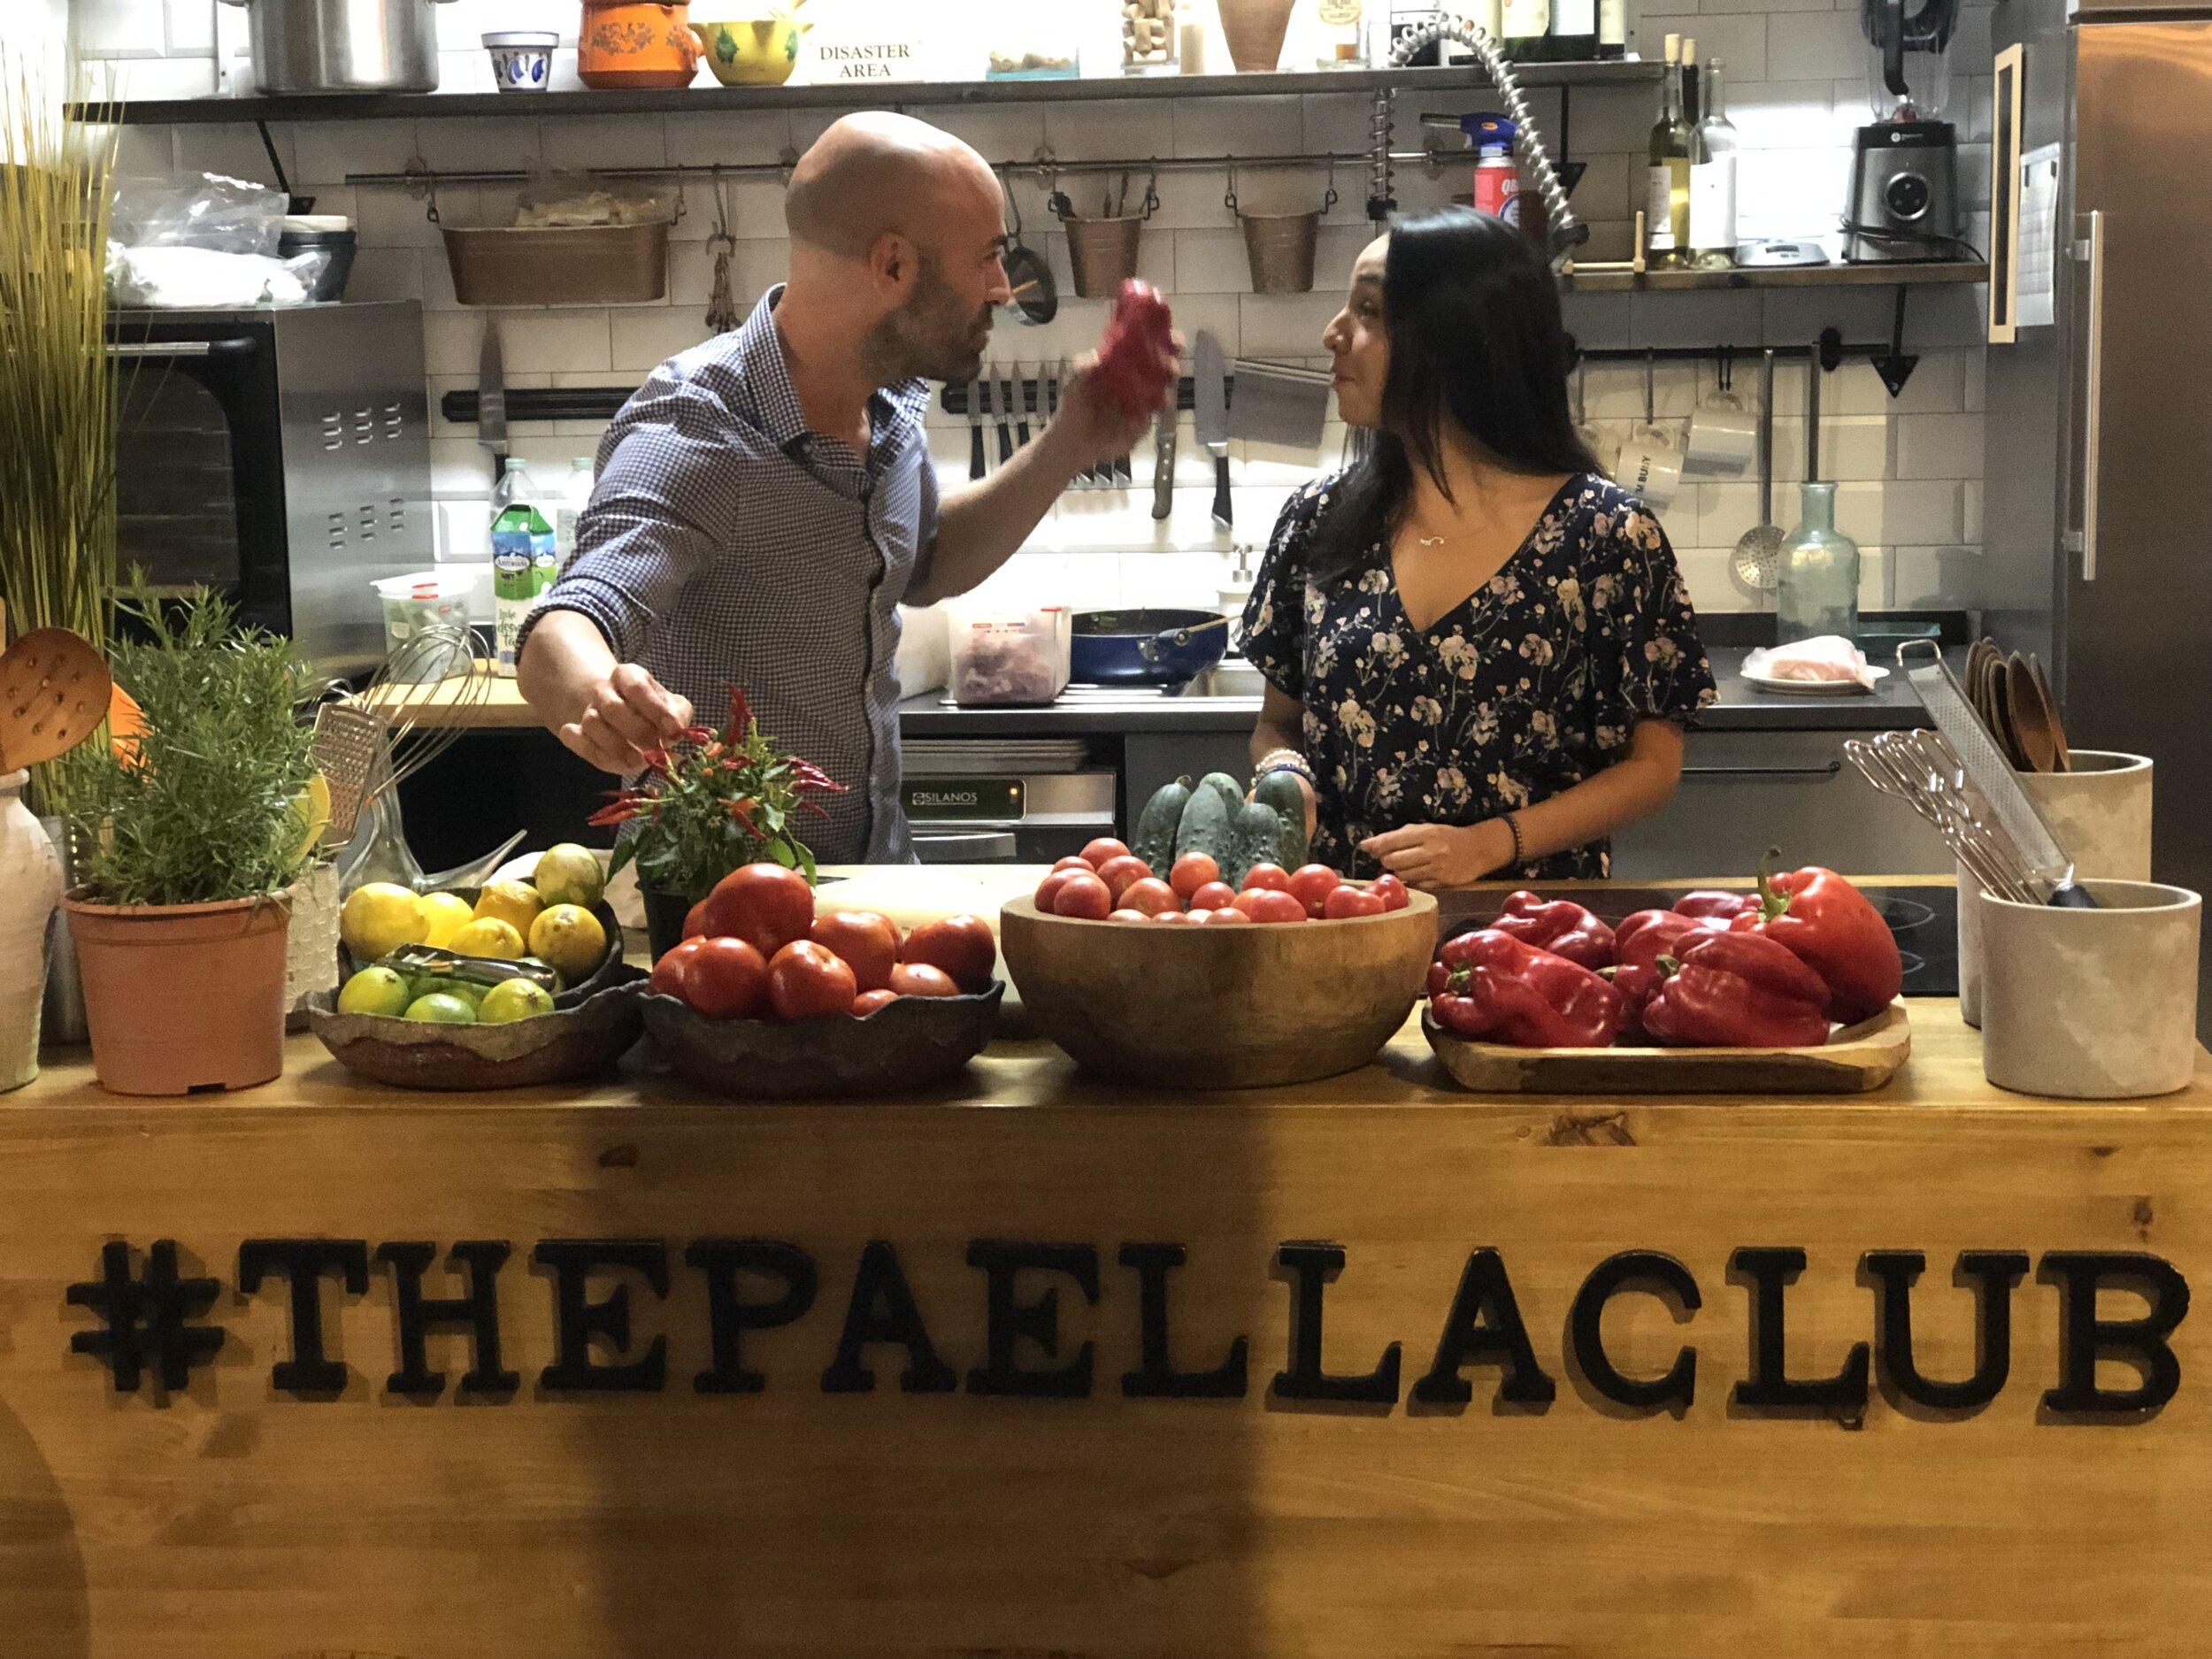 Una conversación distendida entre Alex y Marina frente a algunos alimentos.